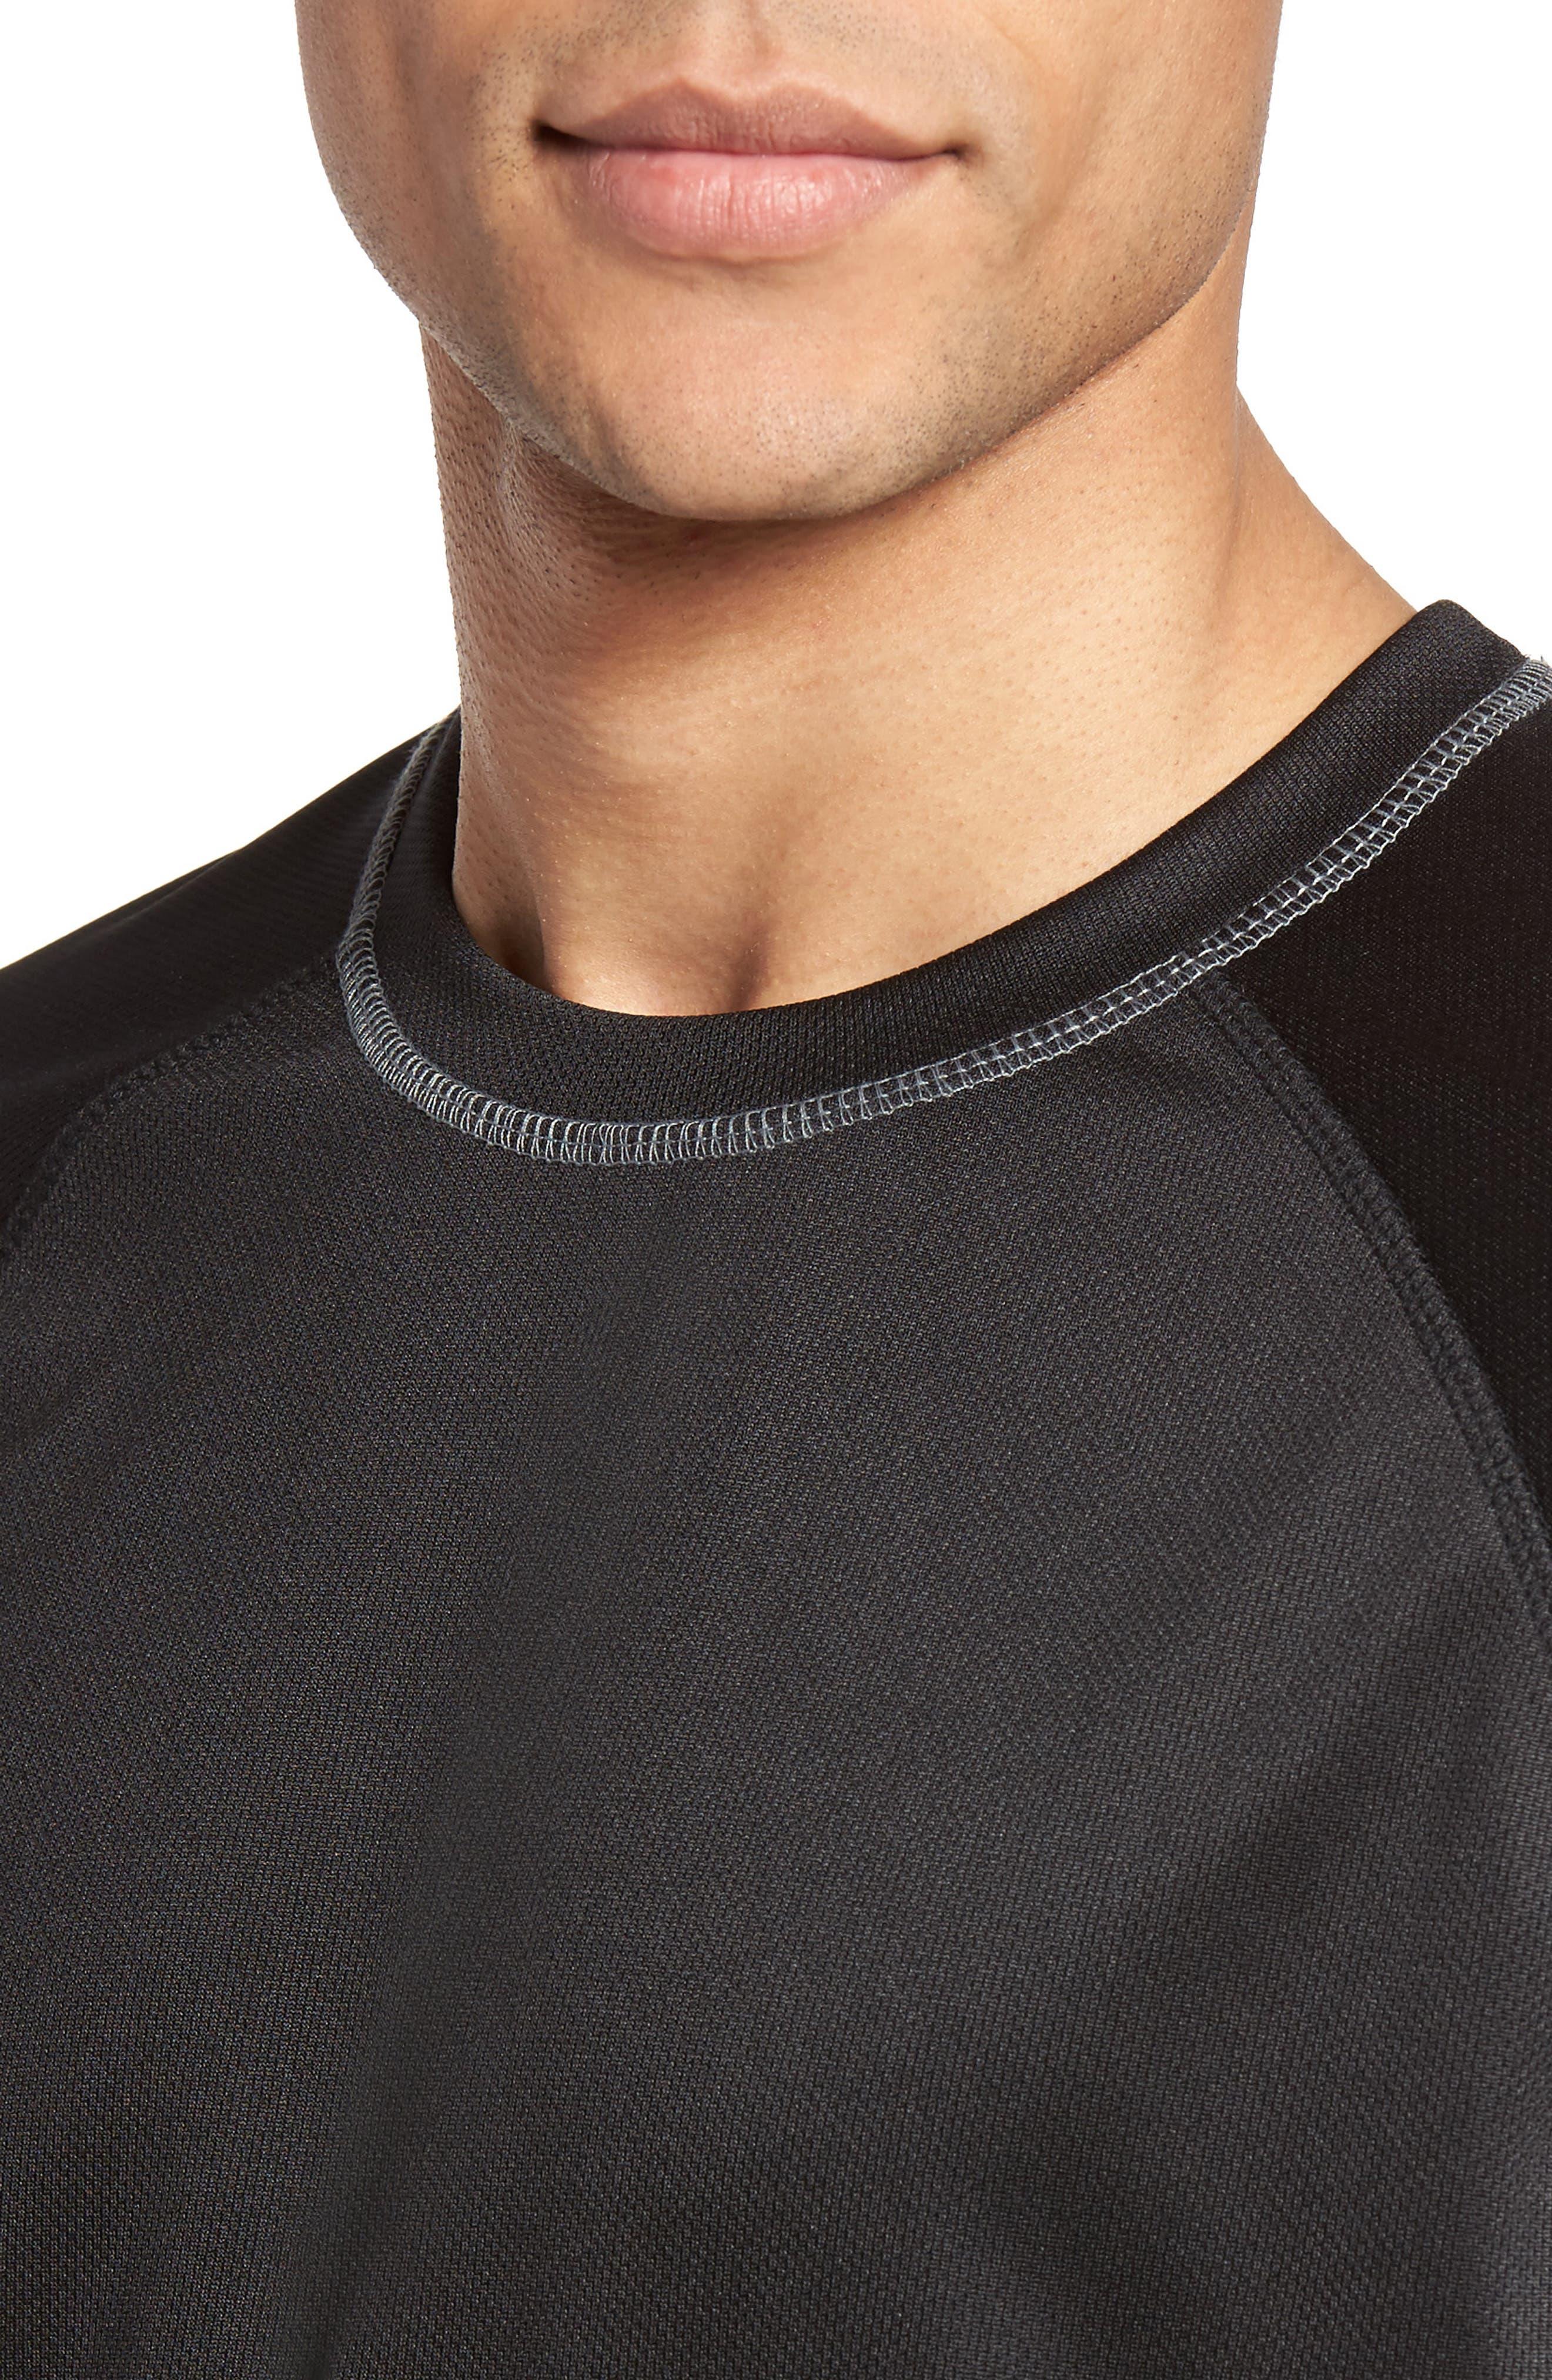 Work Out Crewneck T-Shirt,                             Alternate thumbnail 4, color,                             Black